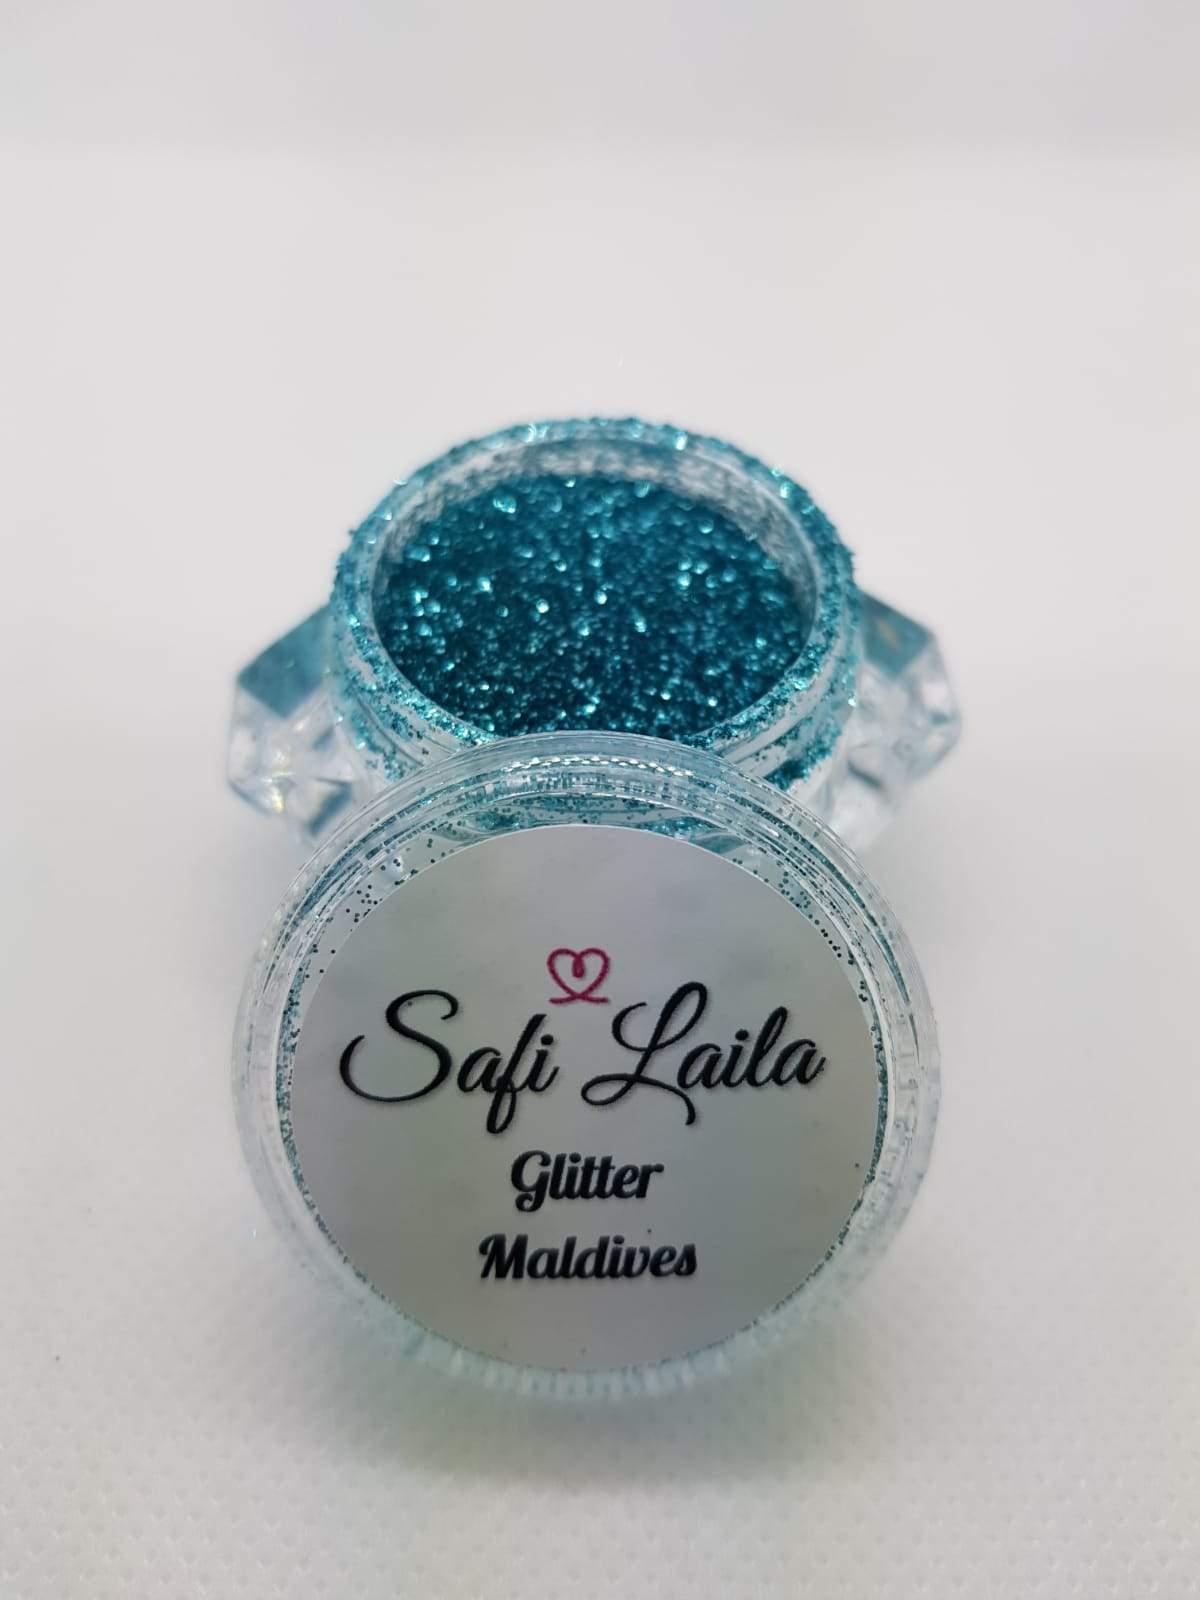 Image of Maldives Glitter